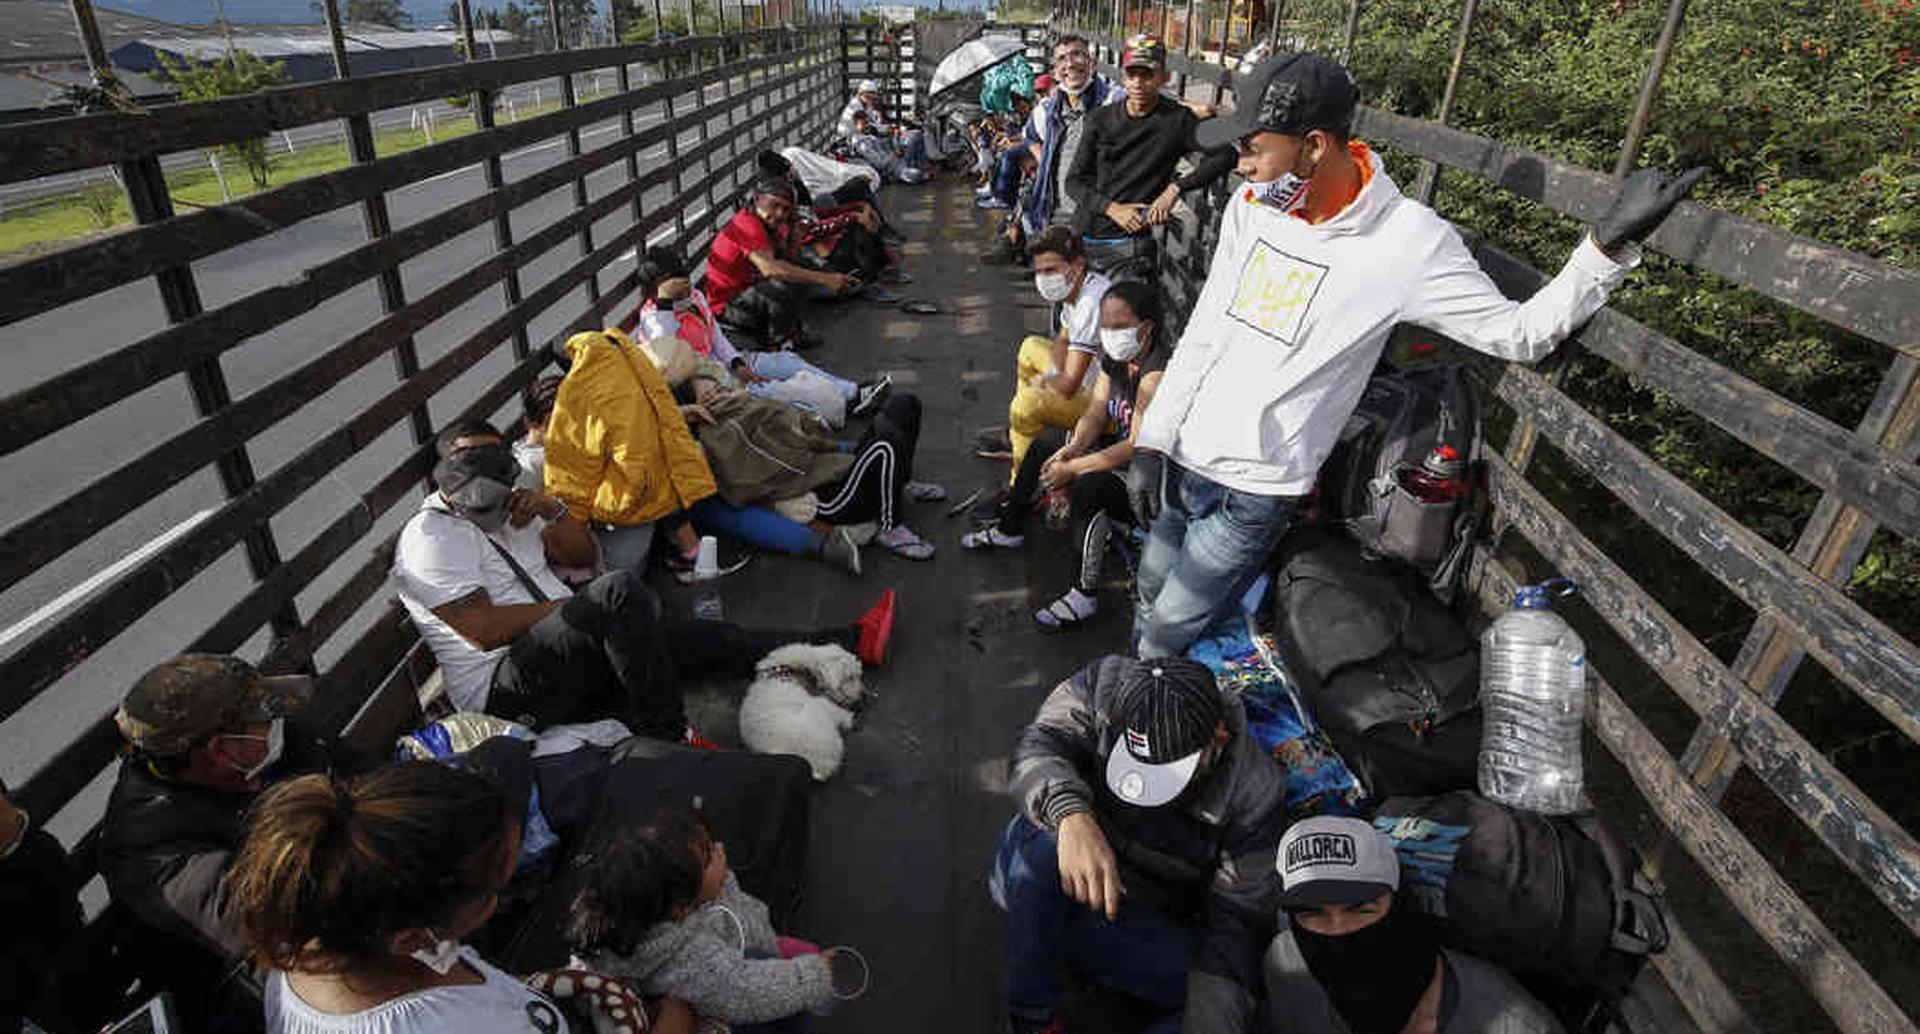 En medio de la crisis sanitaria por el covid-19, cientos de venezolanos residentes en Ecuador, Chile, Perú y Colombia han decidido retornar a su país. De acuerdo con los datos de Migración Colombia, más de 1 millón 825 mil venezolanos se encuentran en Colombia y unos 357.667 están ubicados en la capital. Foto: Guillermo Torres/ SEMANA